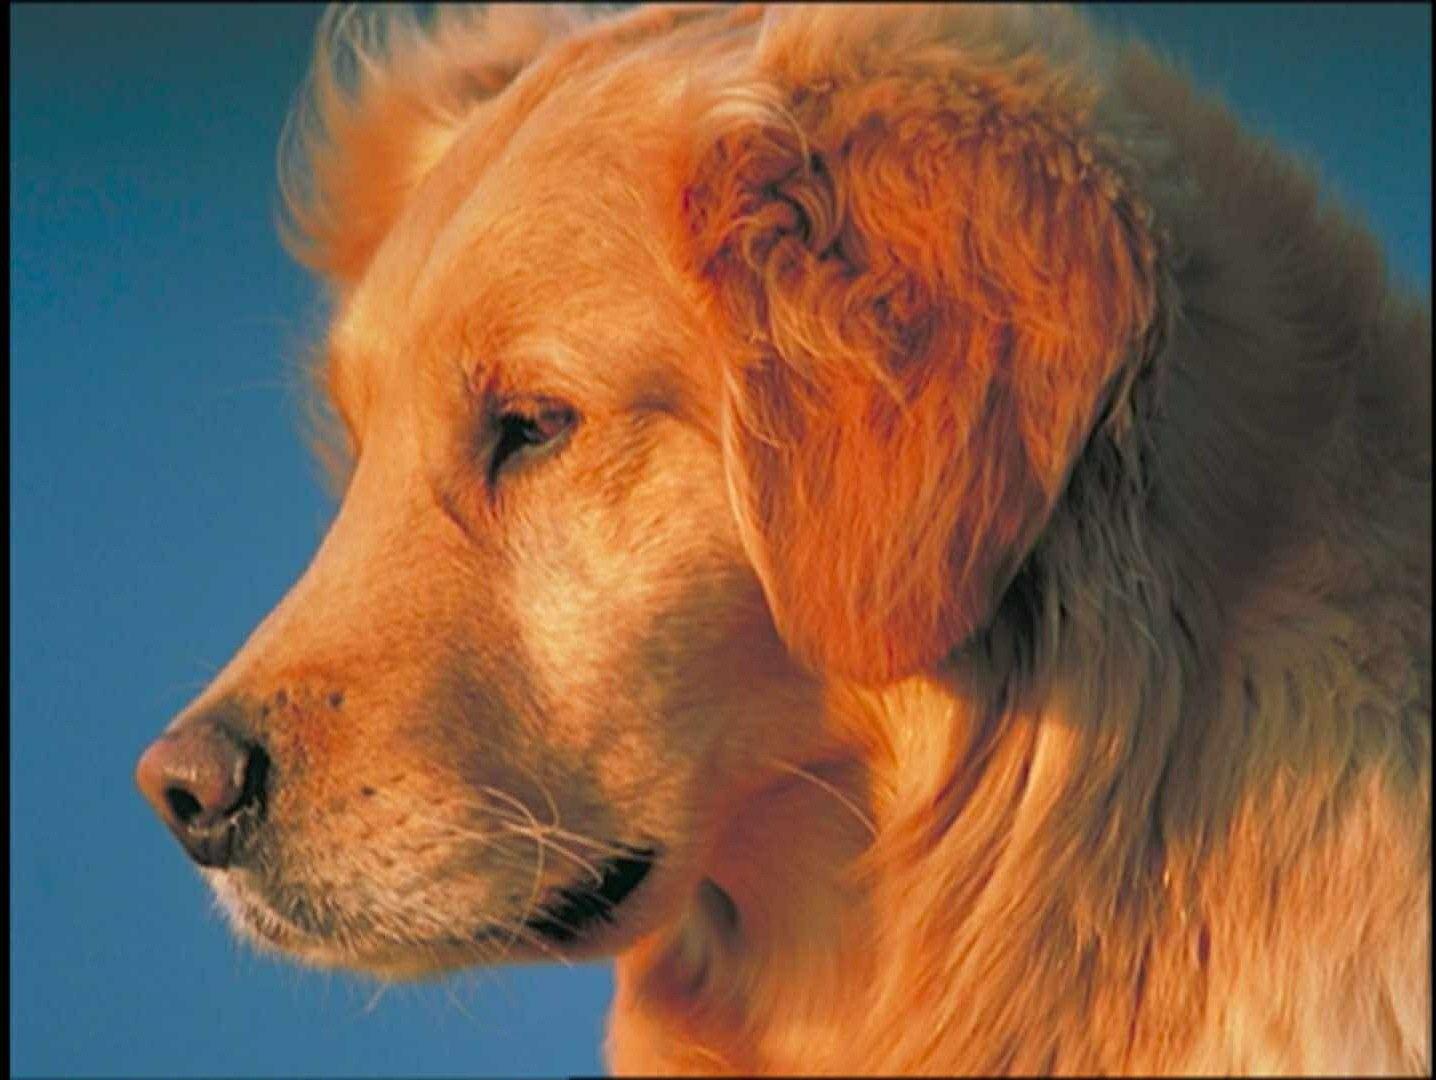 Pin By Gabe Giraldo On Baby Einstein Animals Pictures Dogs Animals